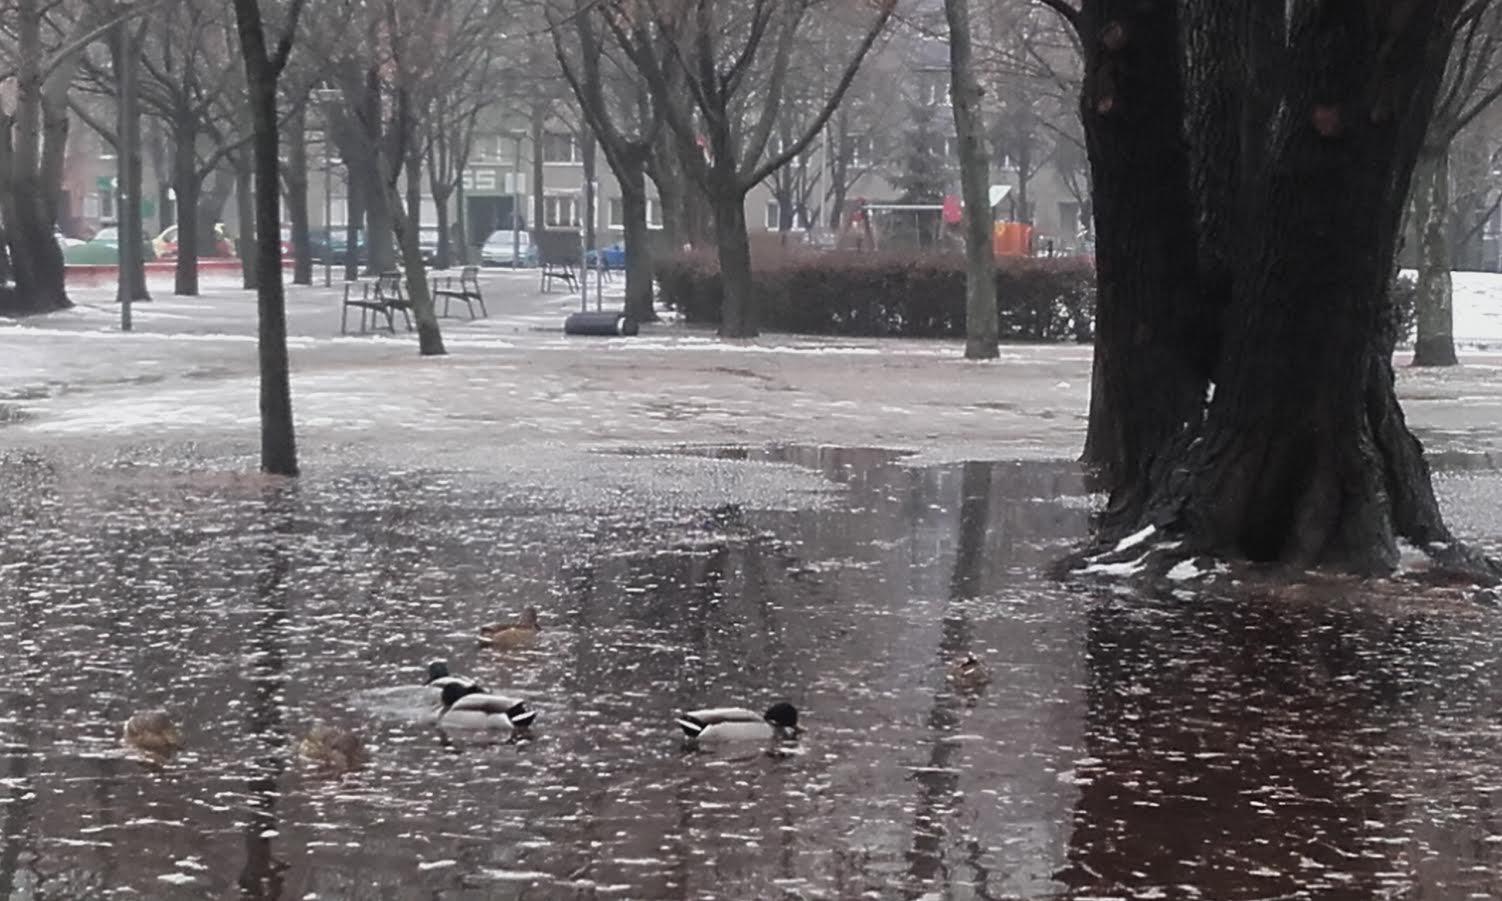 Tavaszodik a budapesti mocsárban, már úszkálnak a vadkacsák a tóvá átalakult Bikás parkban